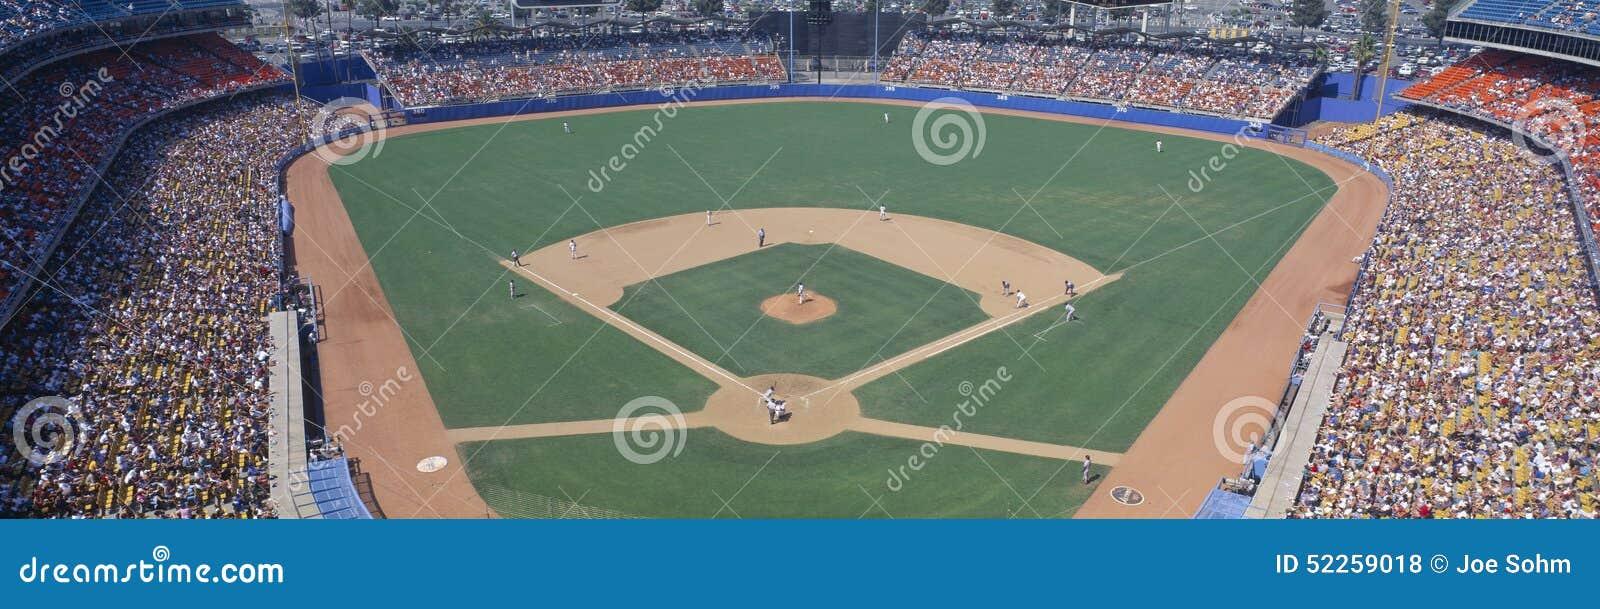 安赫莱斯astros加利福尼亚欺骗者欺骗者los体育场v 阿斯特罗斯,洛杉矶,加利福尼亚